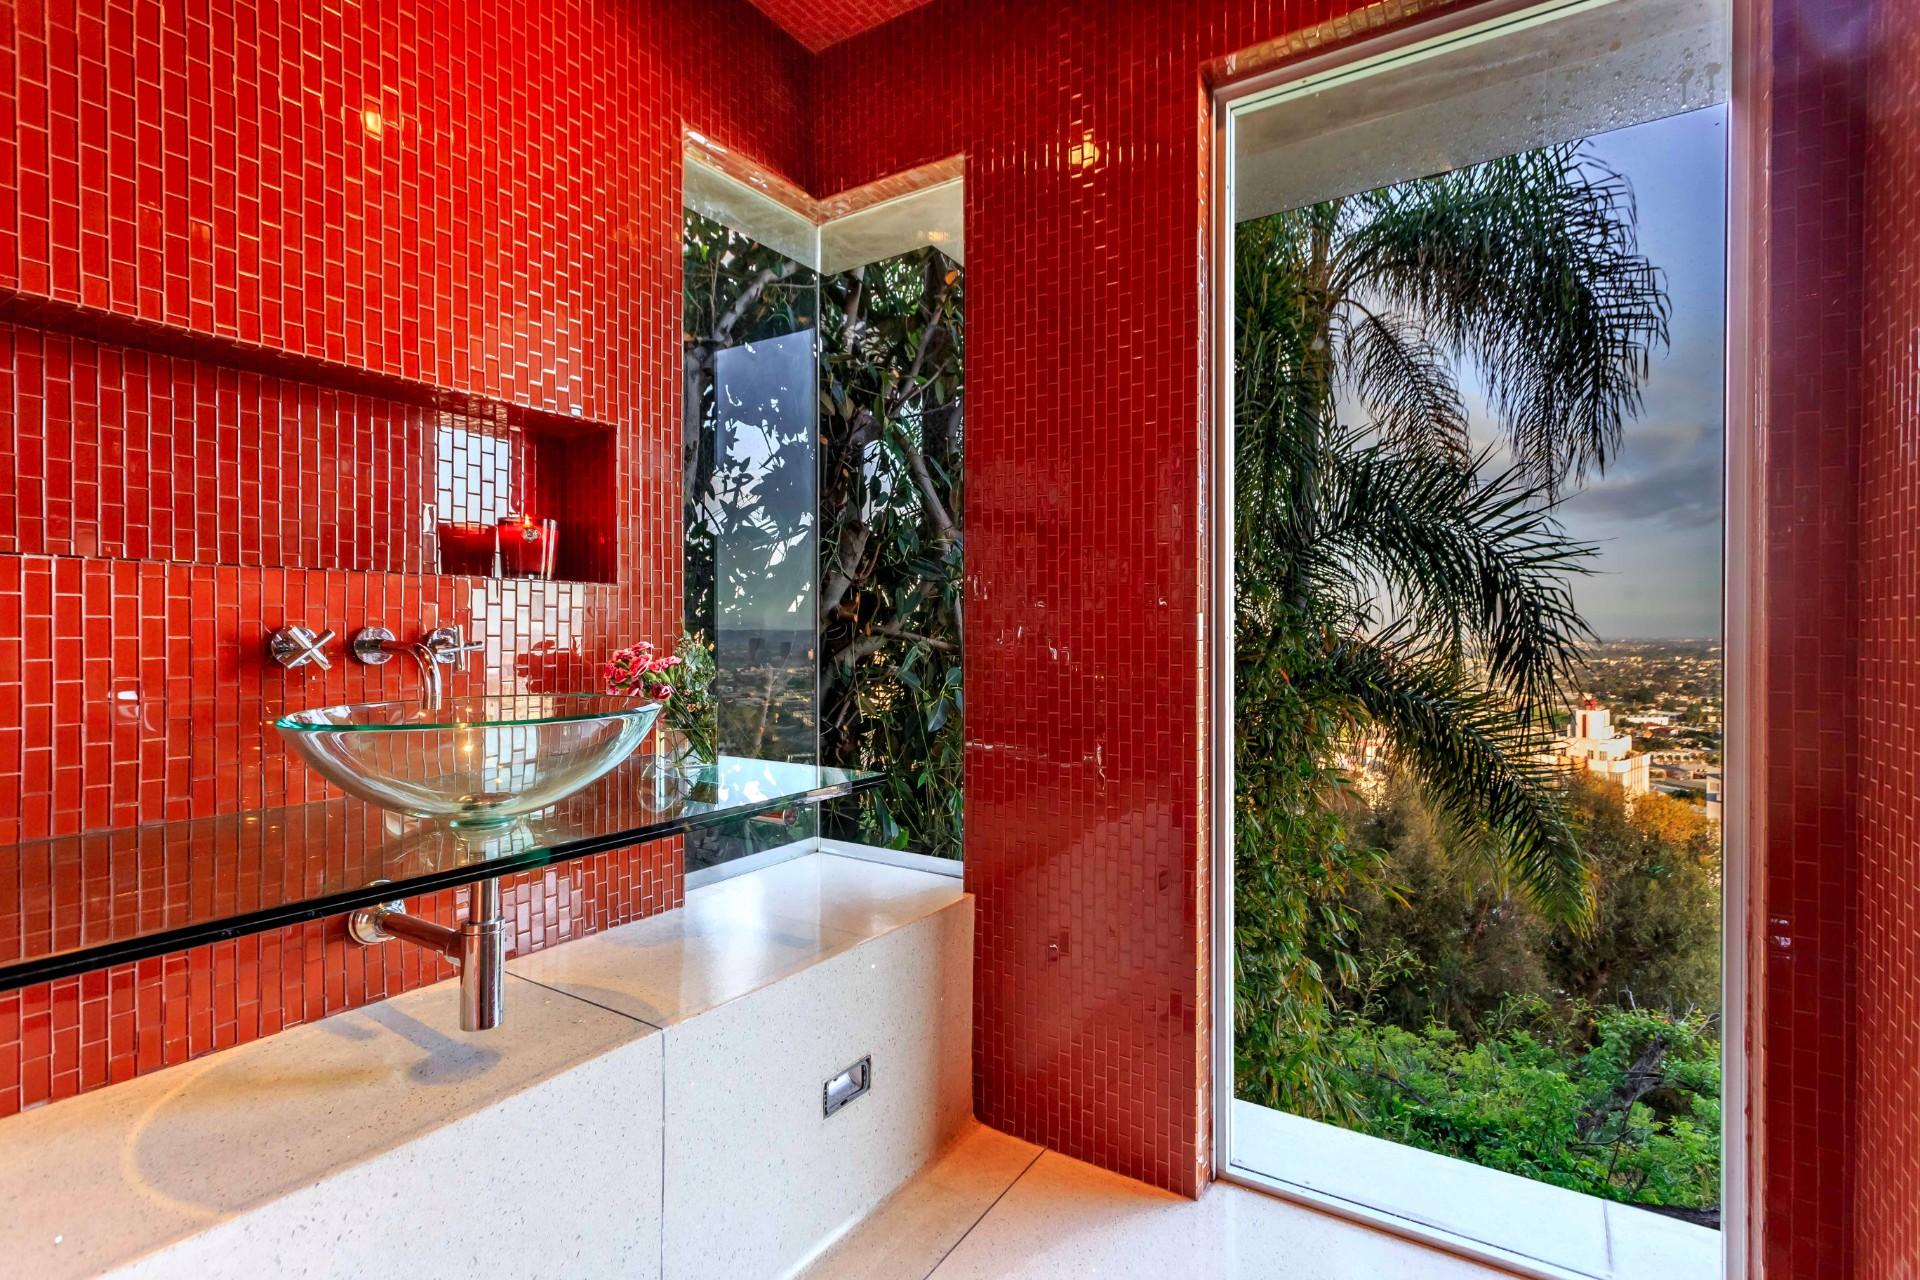 8444-Harold-Way-red-sink